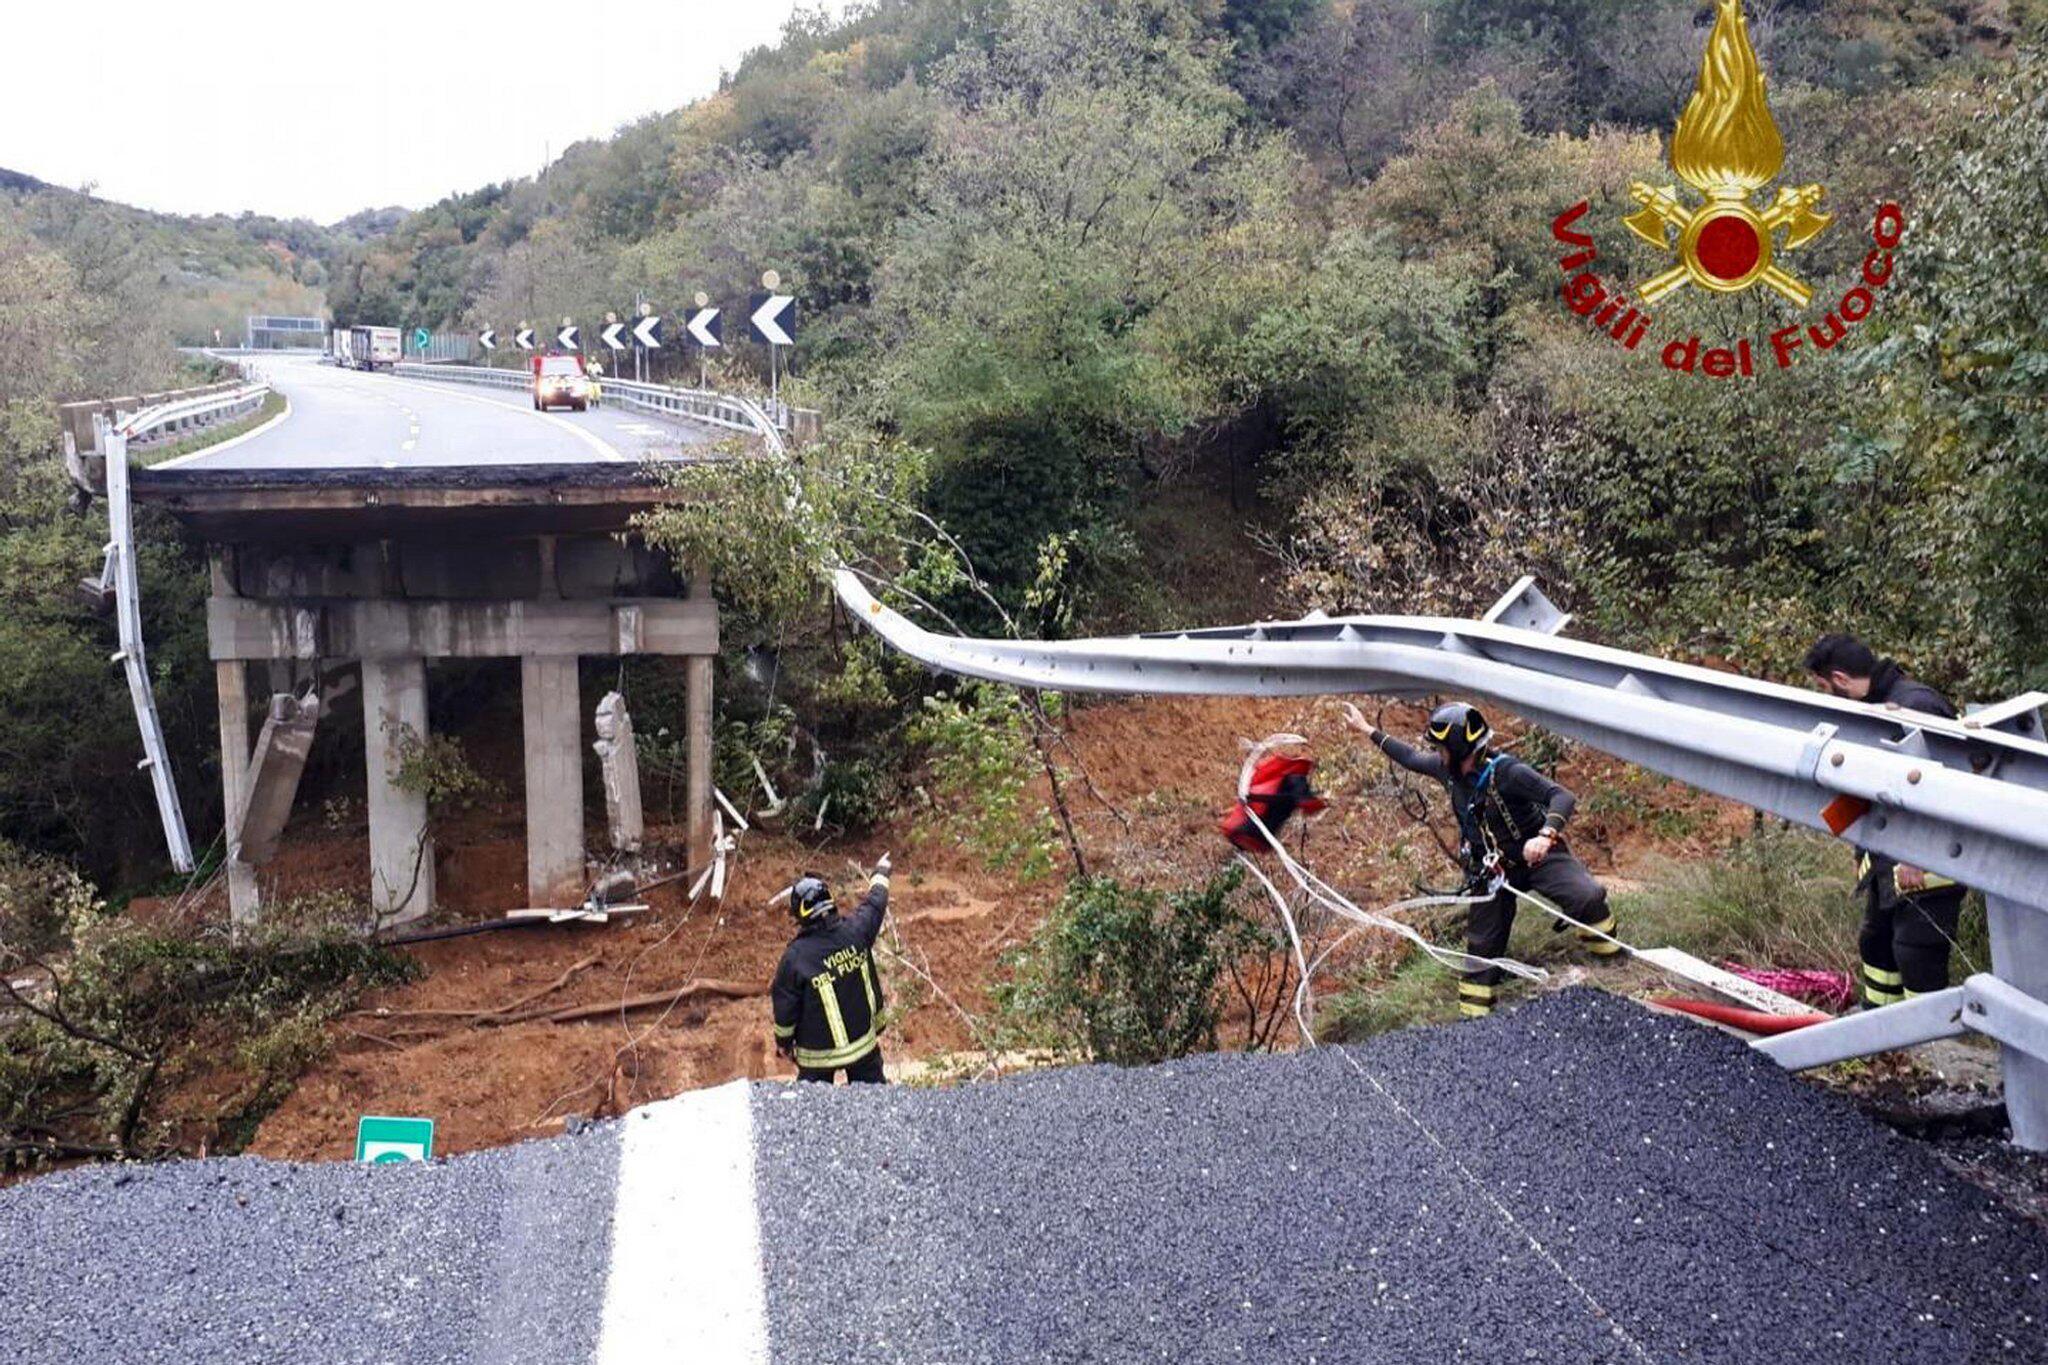 Bild zu Autobahnbrücke nach Unwettern in Italien eingestürzt